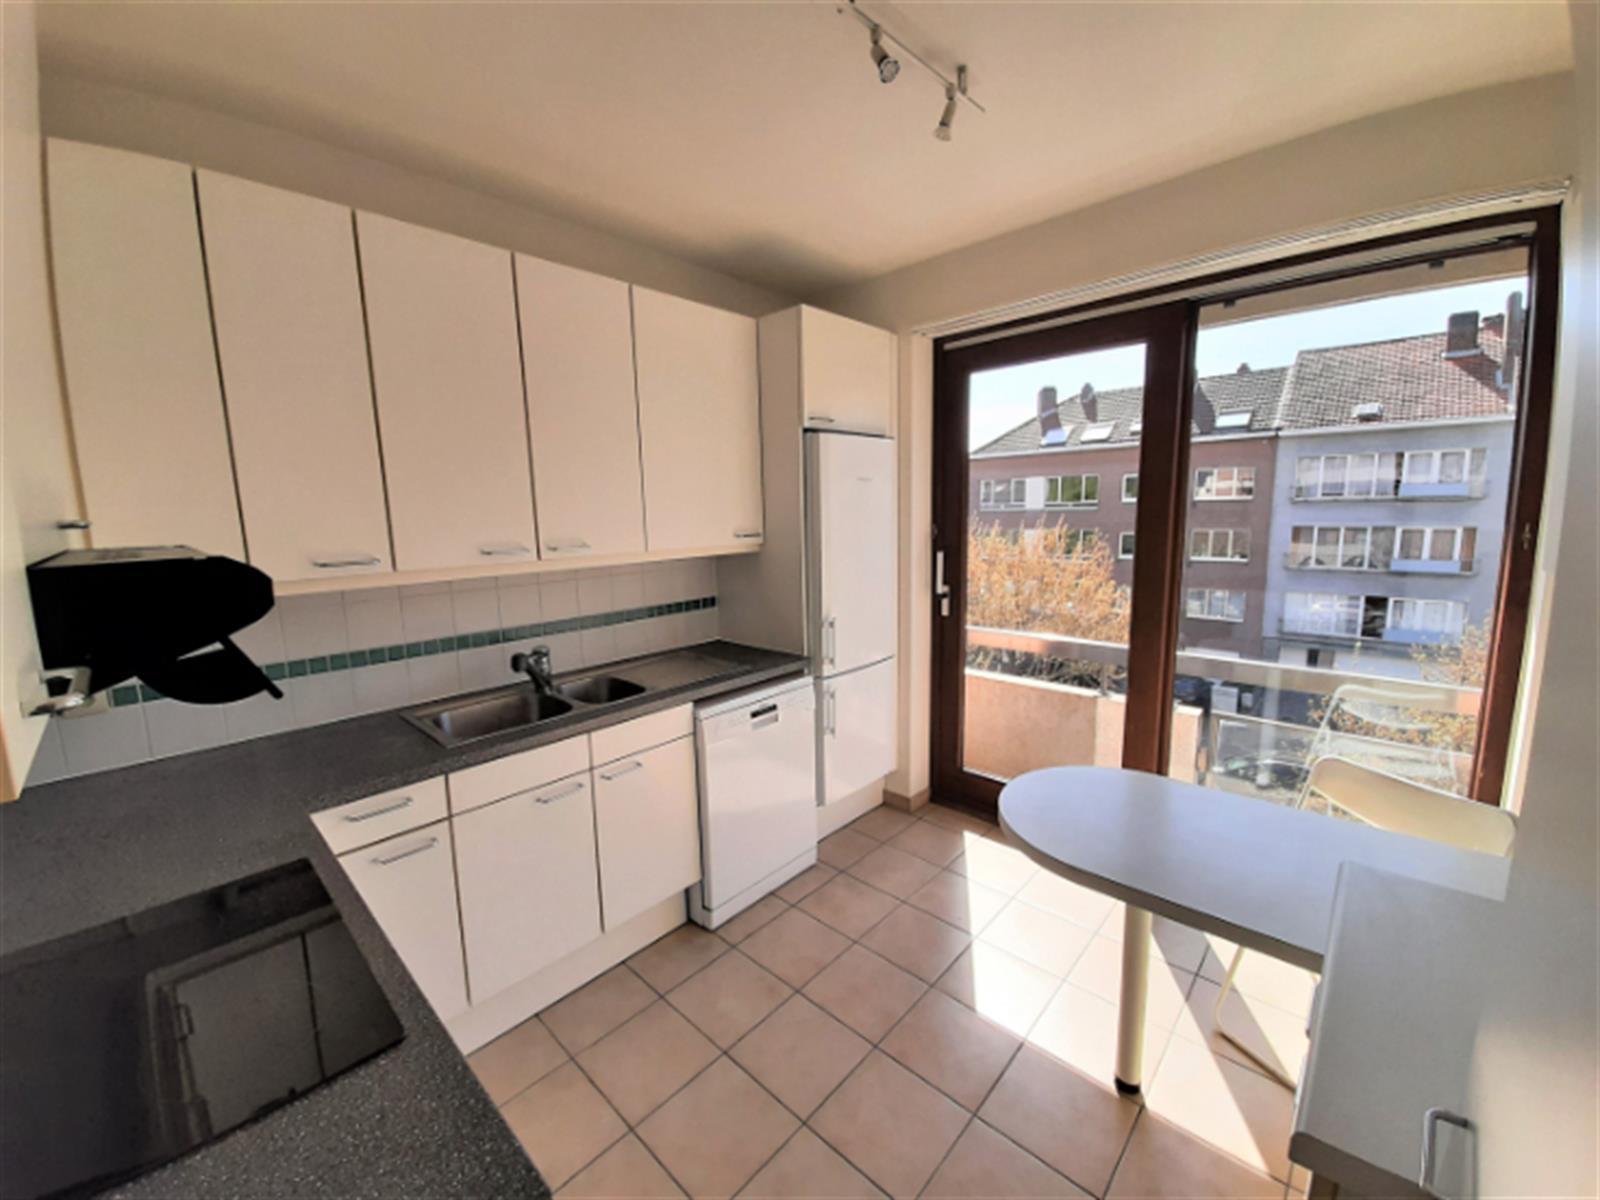 Appartement - Woluwe-Saint-Pierre - #4350243-3